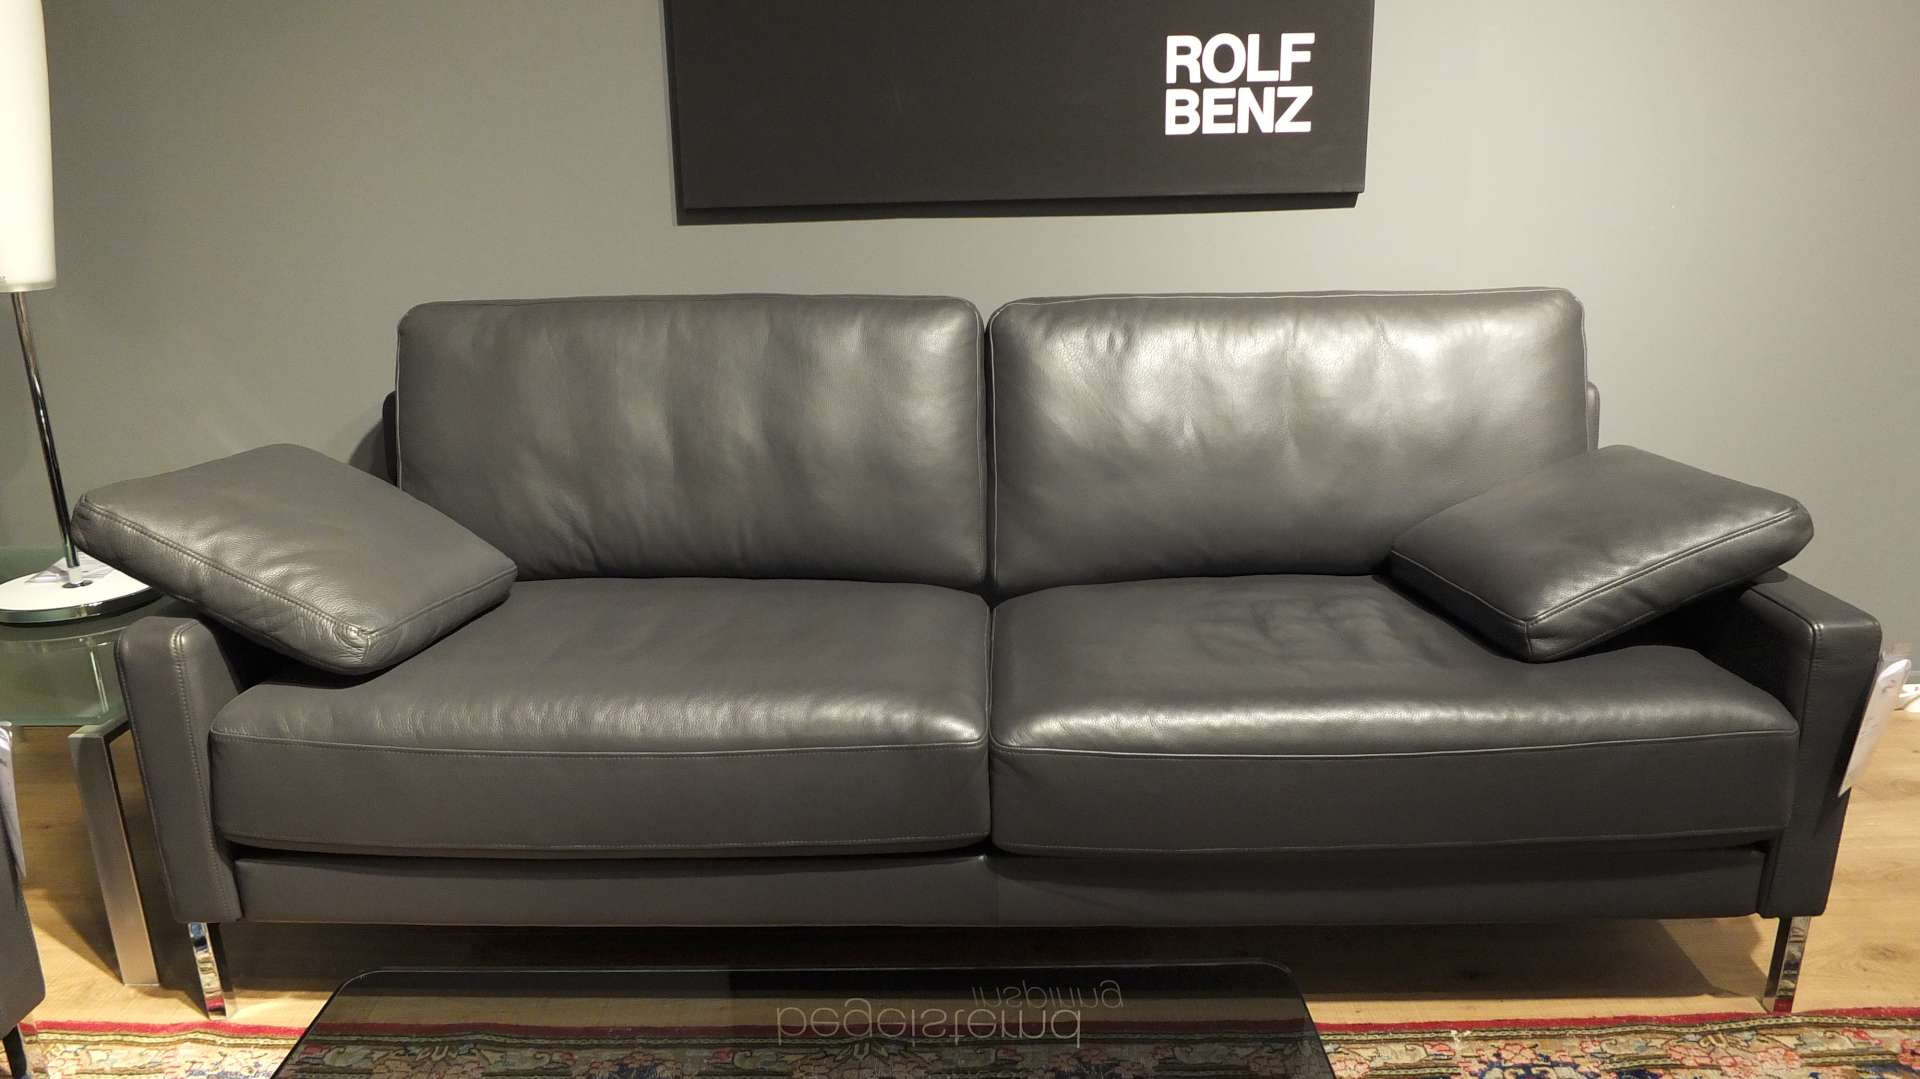 Rolf Benz Sofa Ego F Wohnparcde